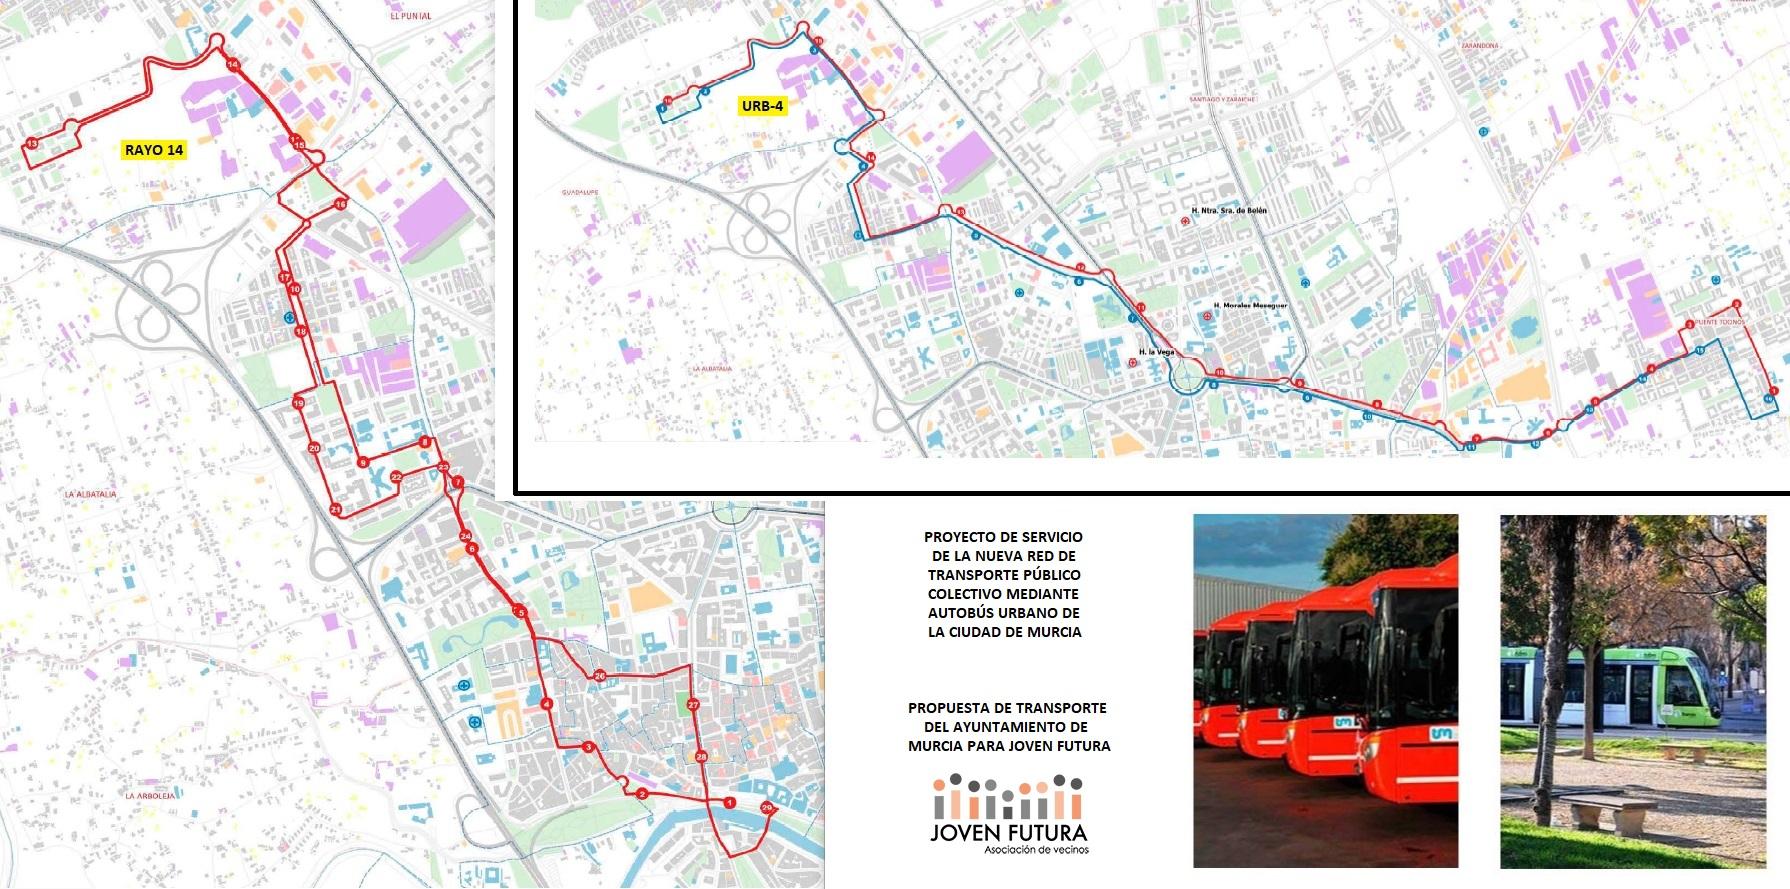 2021-09-07 Propuesta de transporte público para Joven Futura a partir de 2023